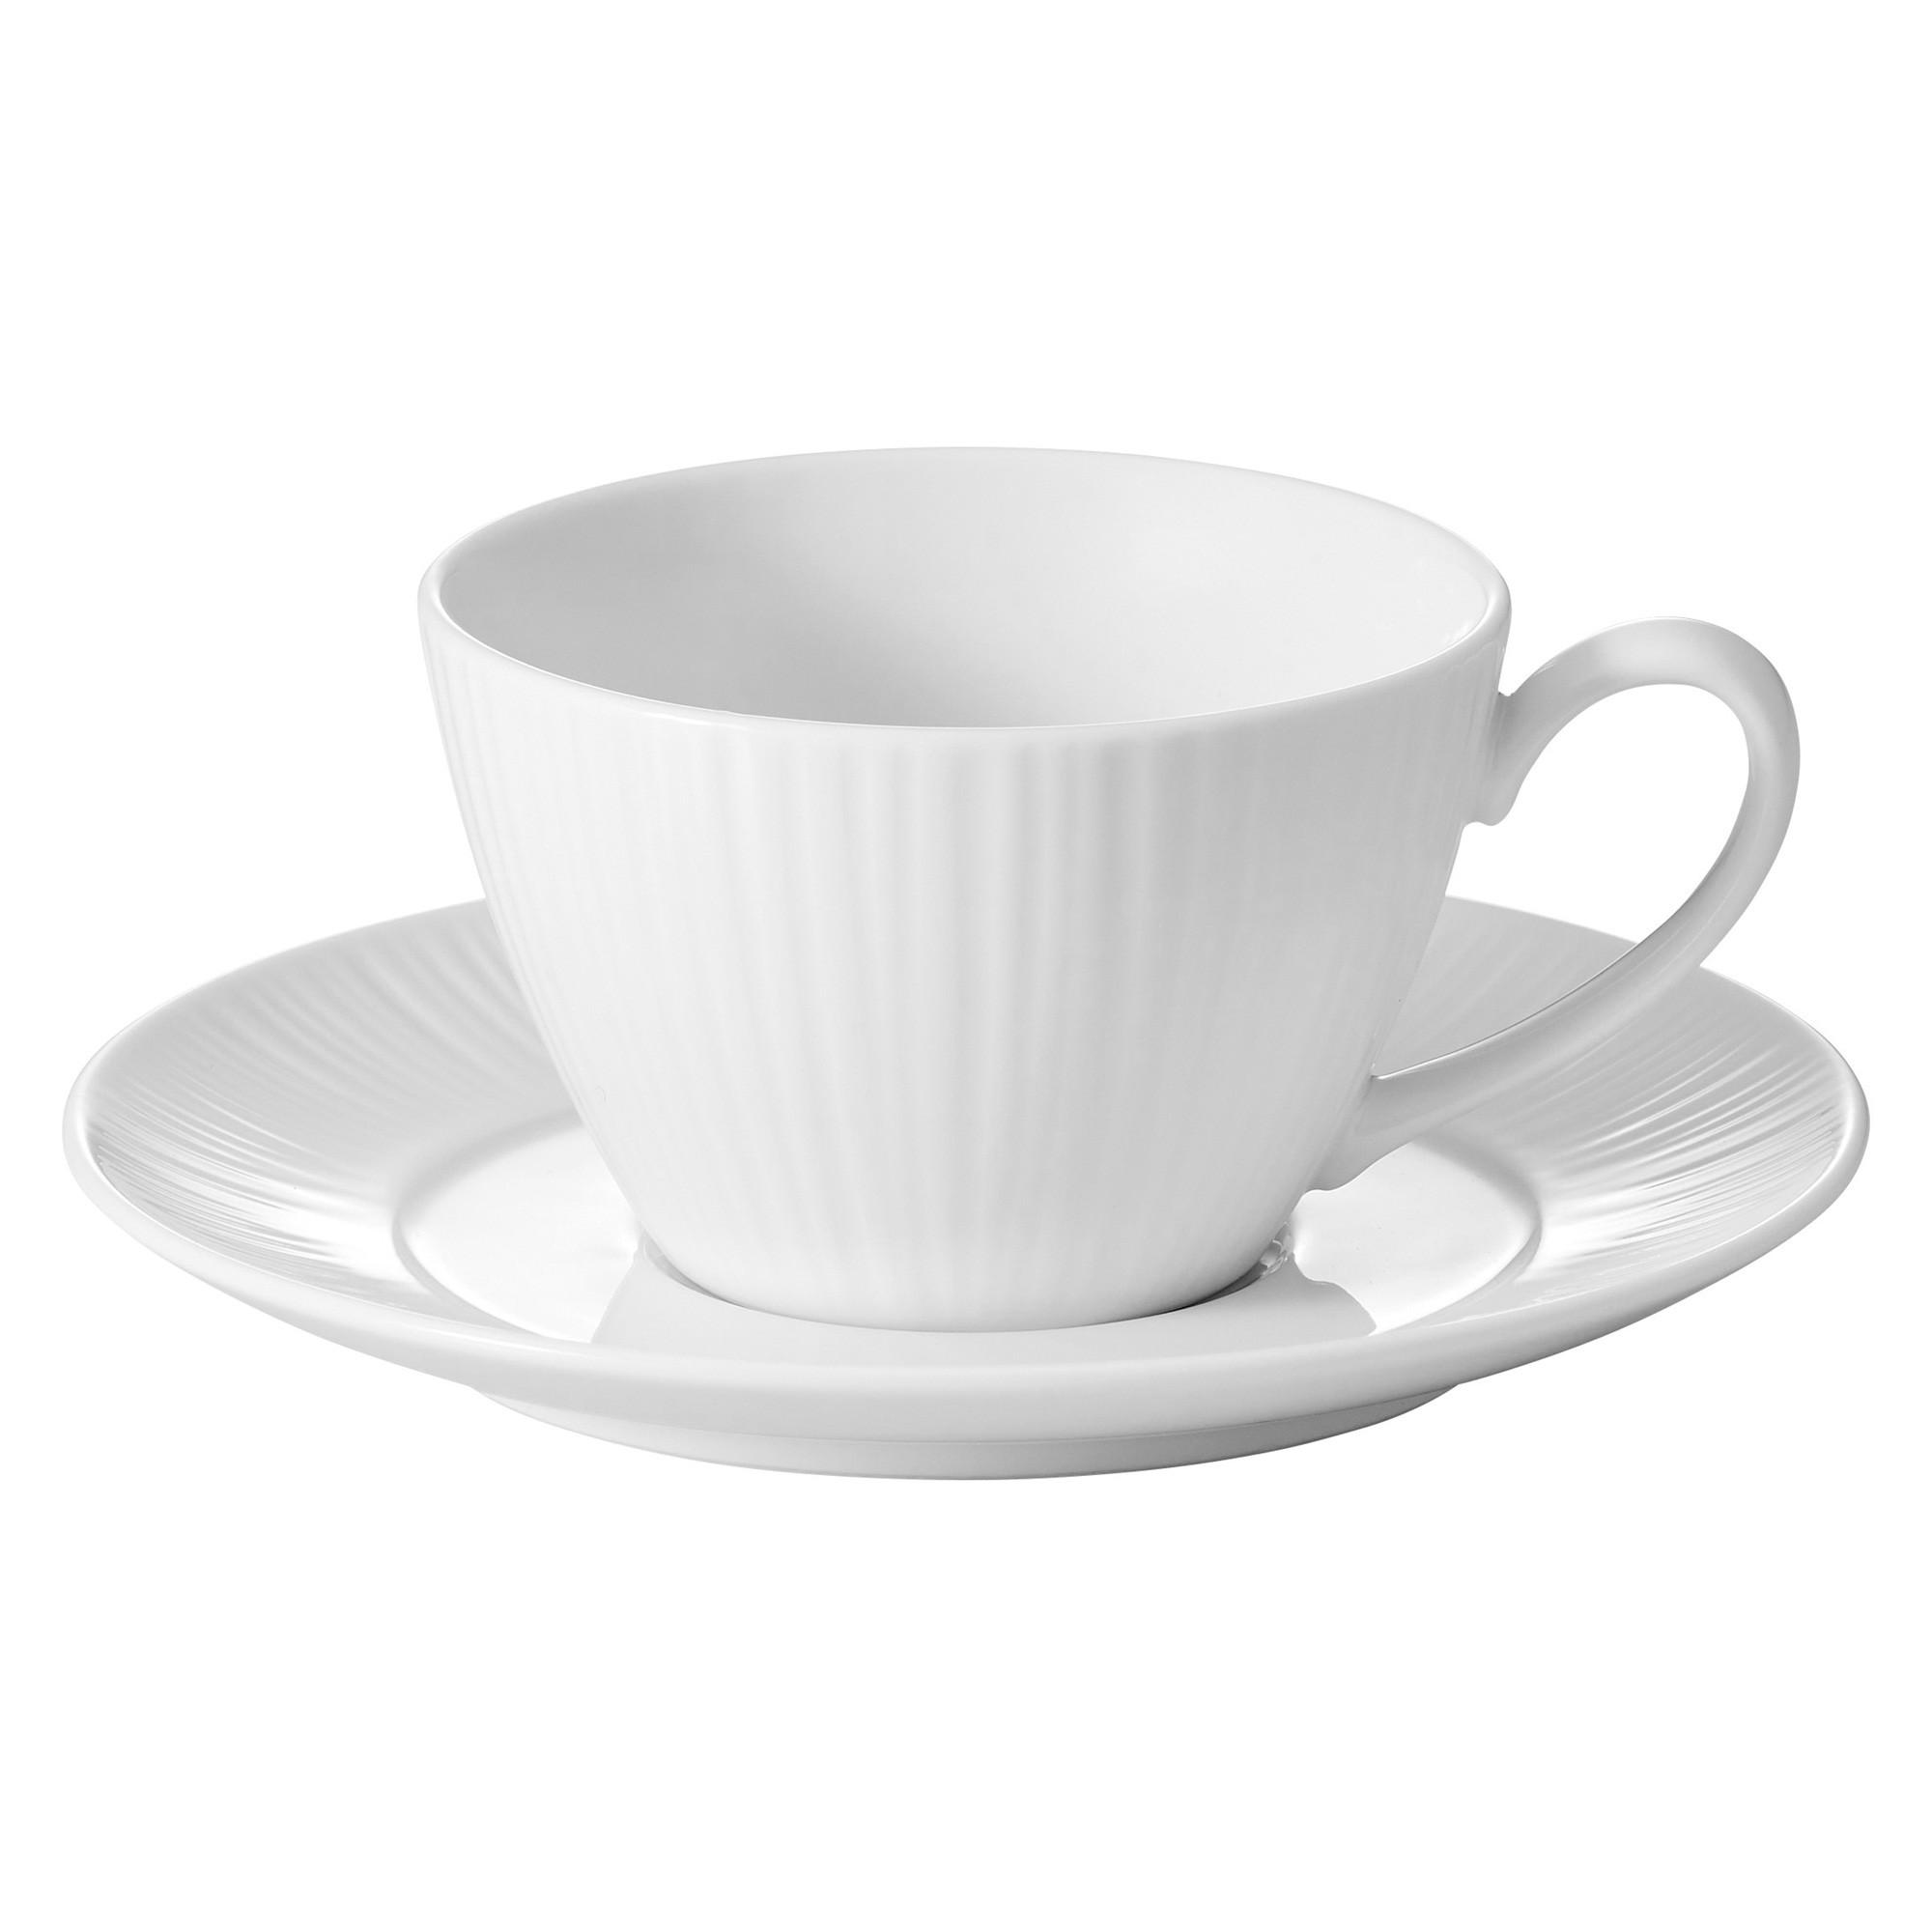 Noritake Conifere Fine Porcelain Tea Cup & Saucer Set